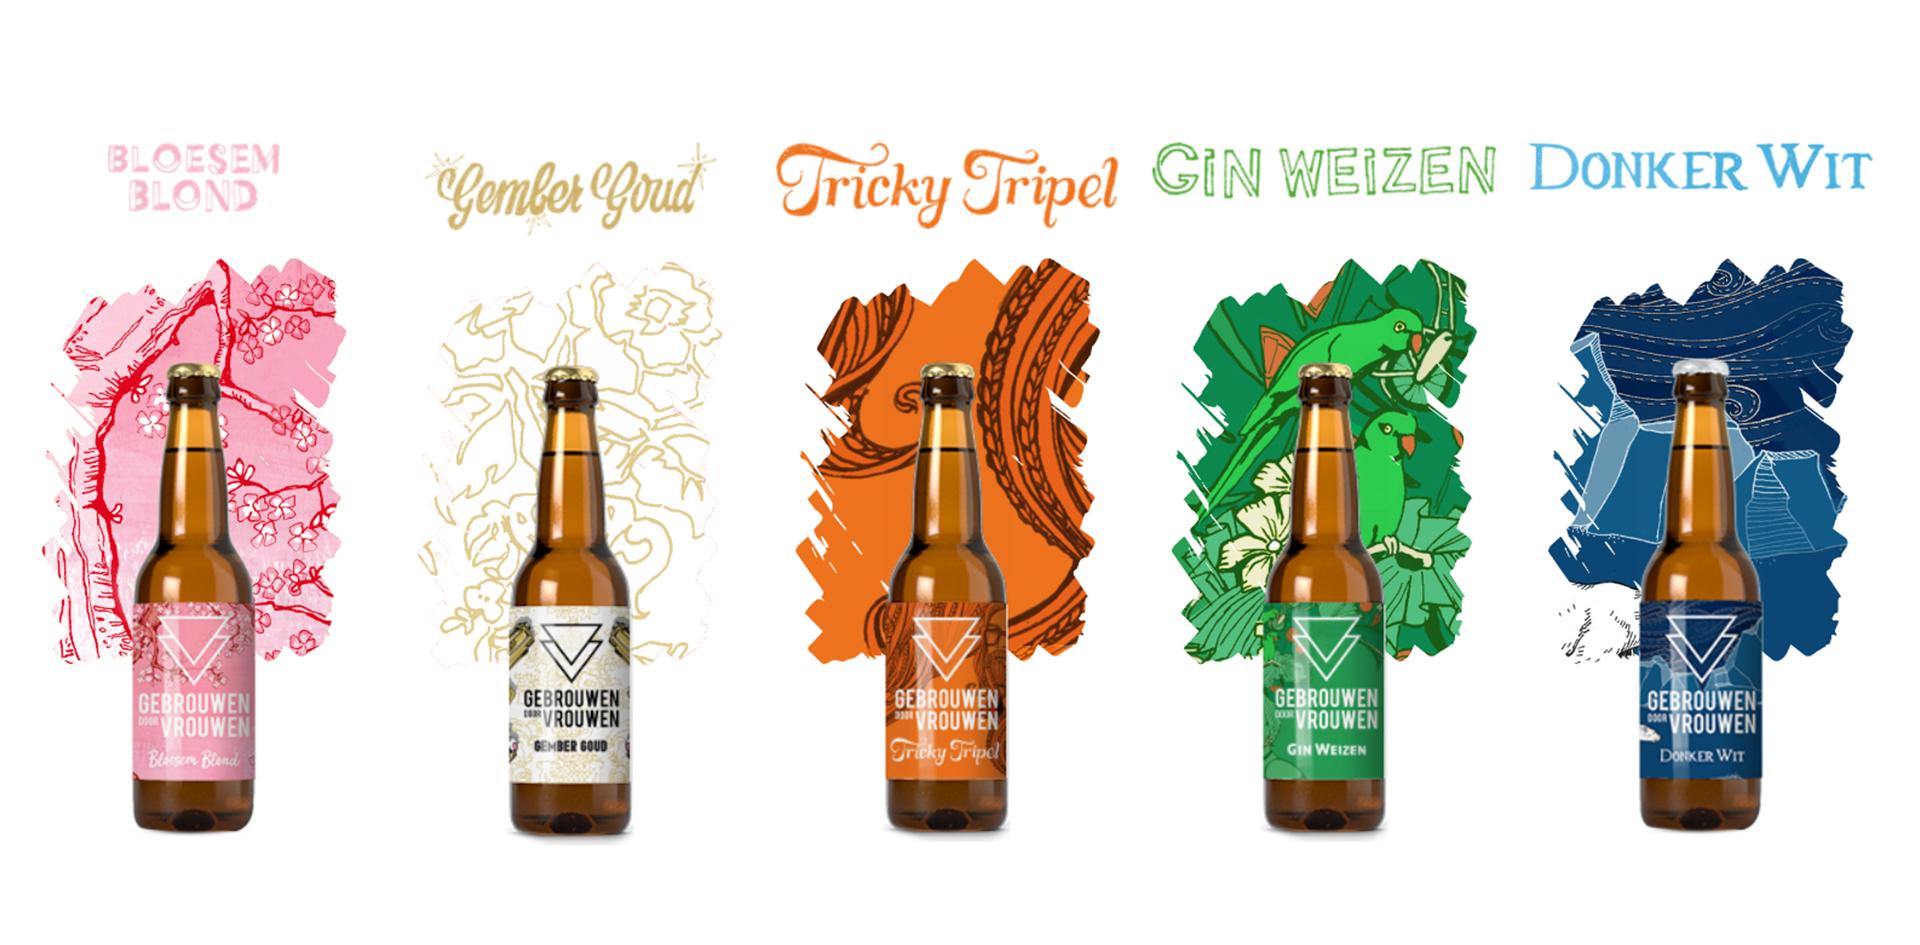 nectar-utrecht-pils-bier-brouwerij-nederland-streekbier-amsterdam-gebrouwendoorvrouwen-assortiment